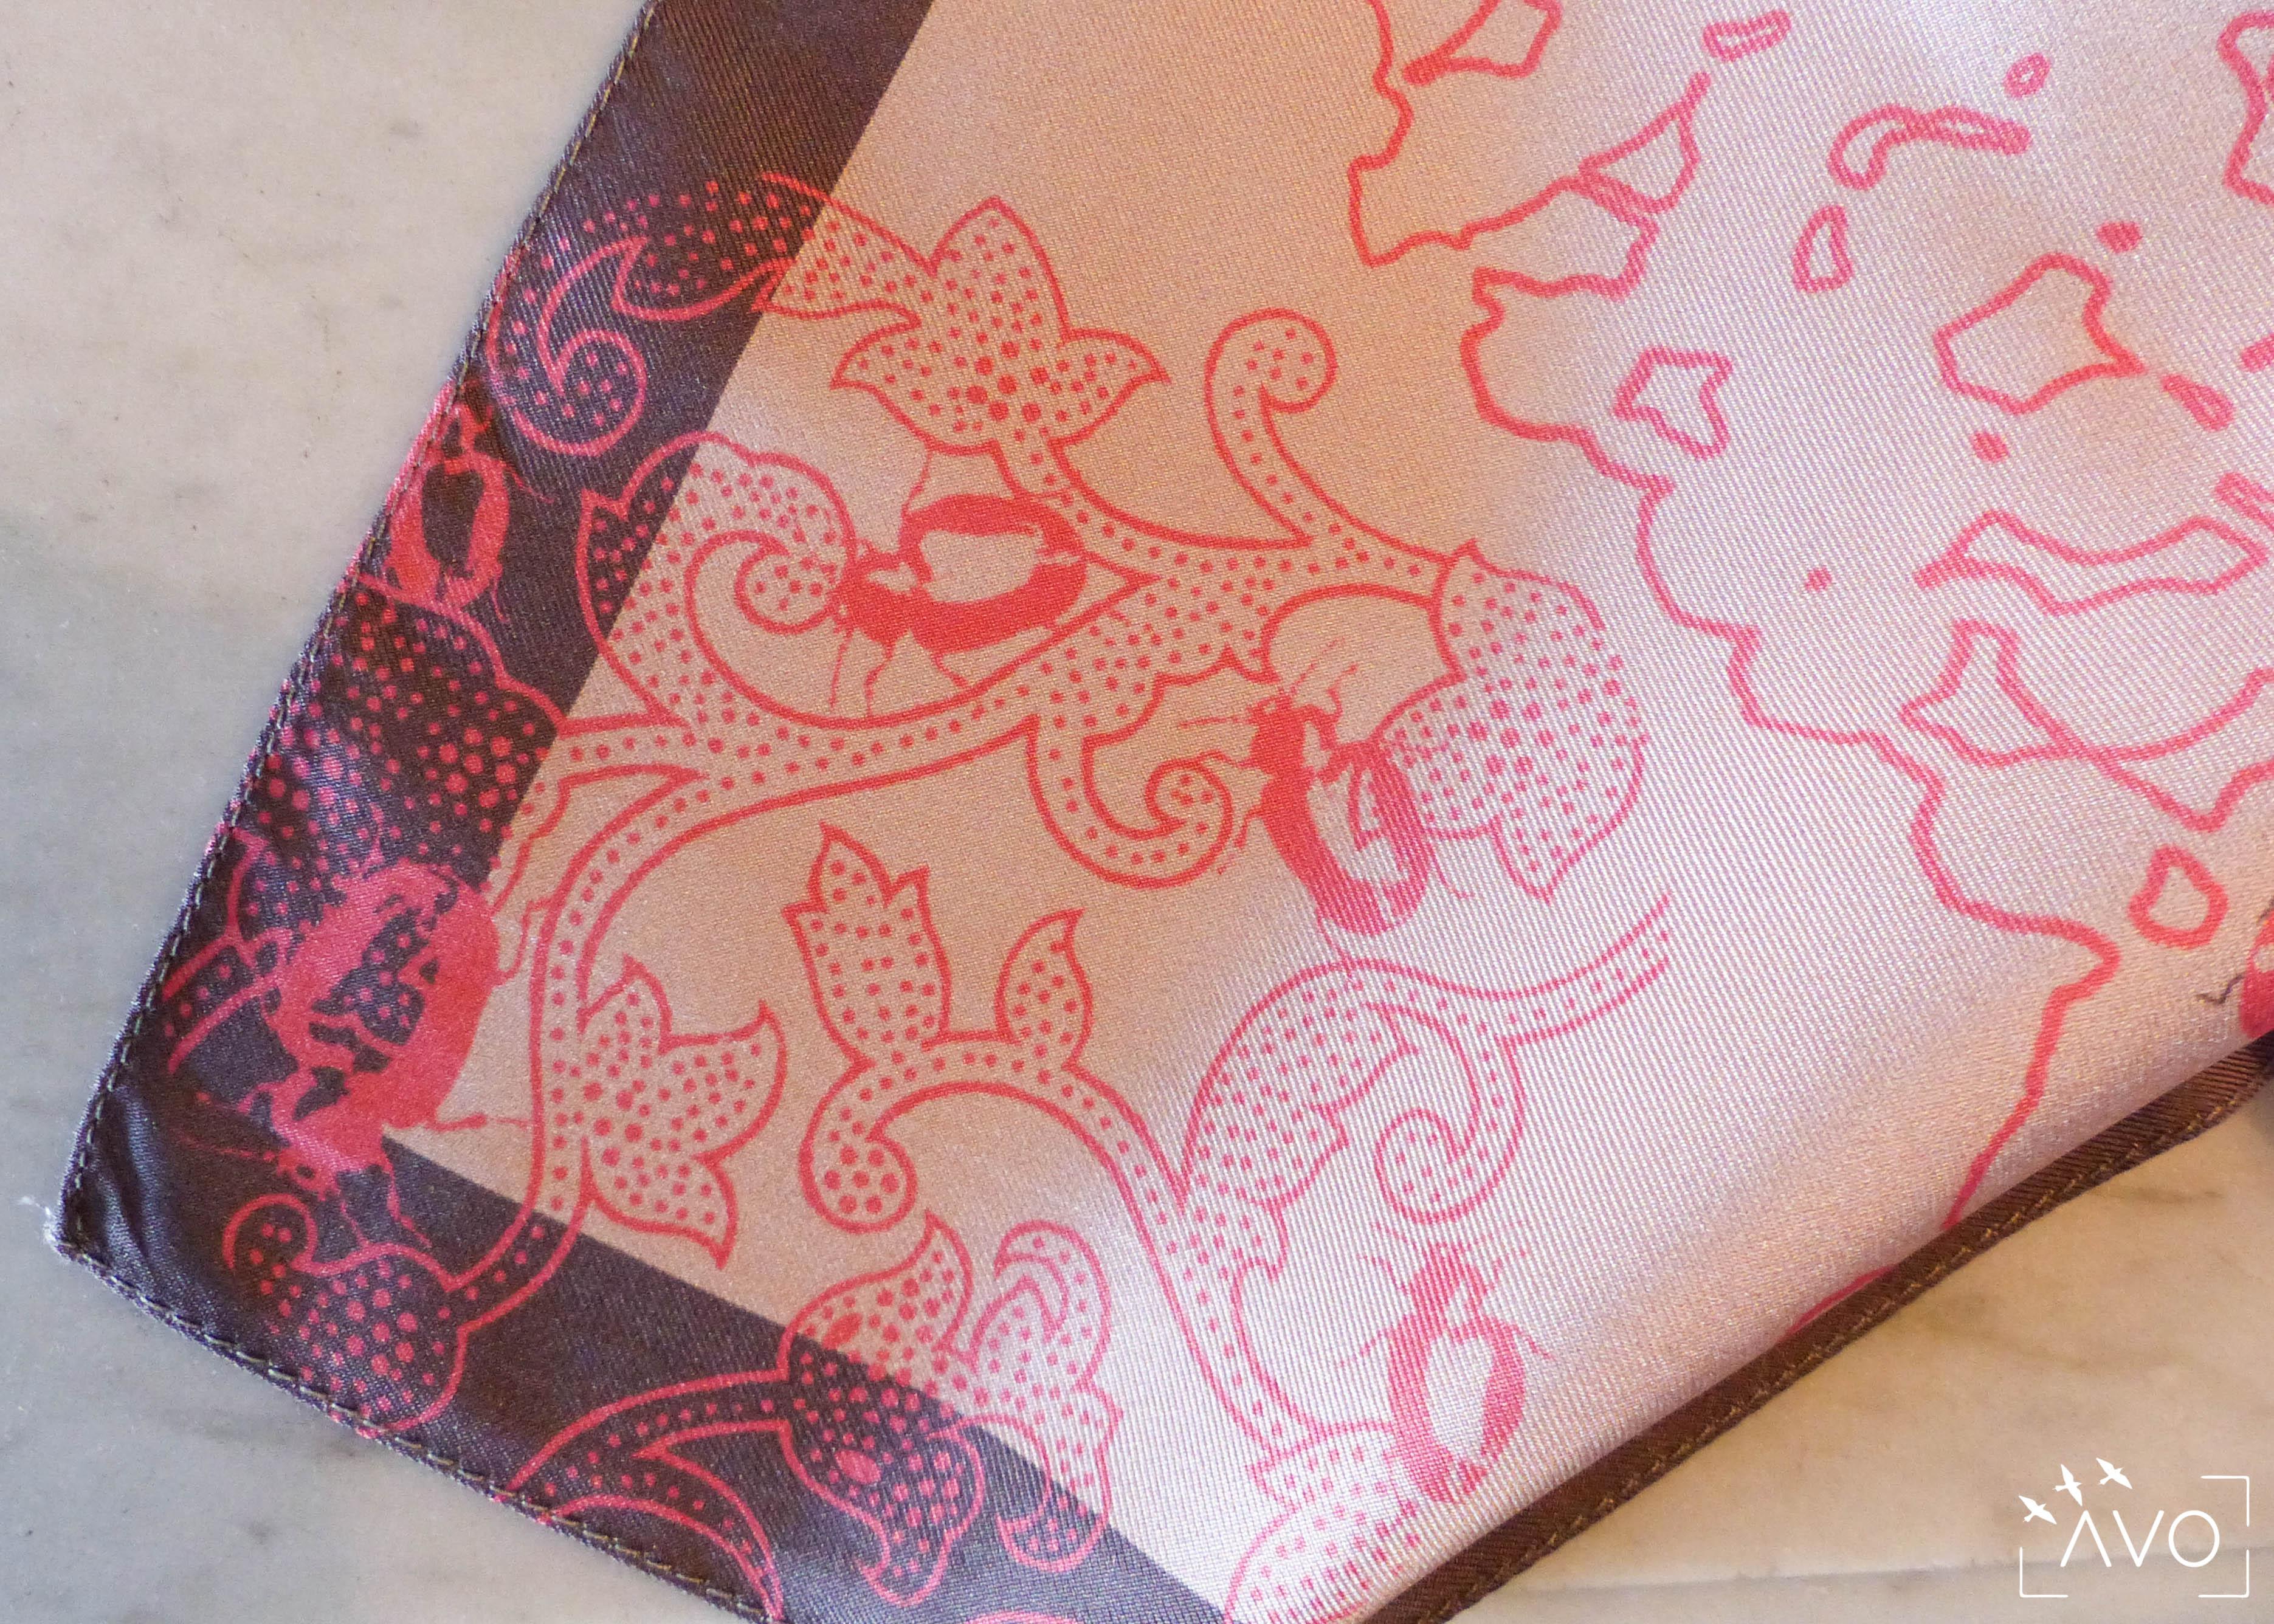 lso créations foulards lyon soie détail histopire poésie couleur detail coin